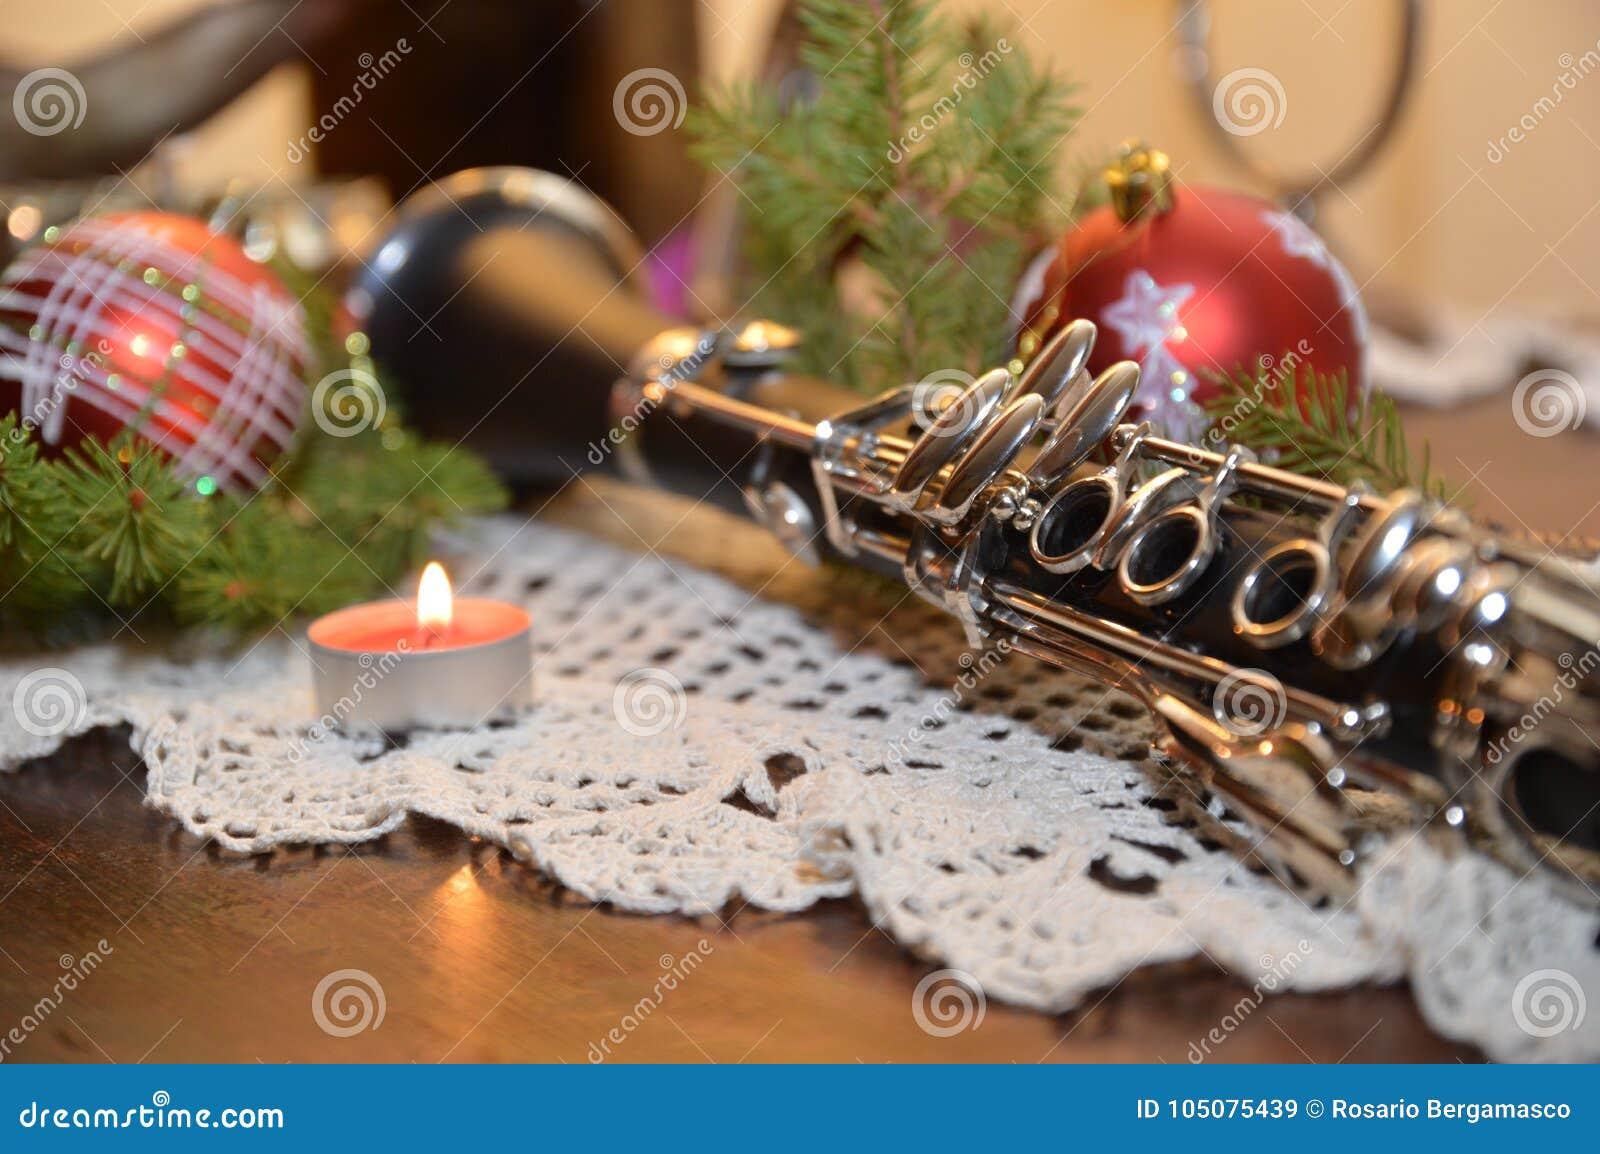 Feliz Navidad Clarinete.Musica De La Navidad Con El Clarinete Imagen De Archivo